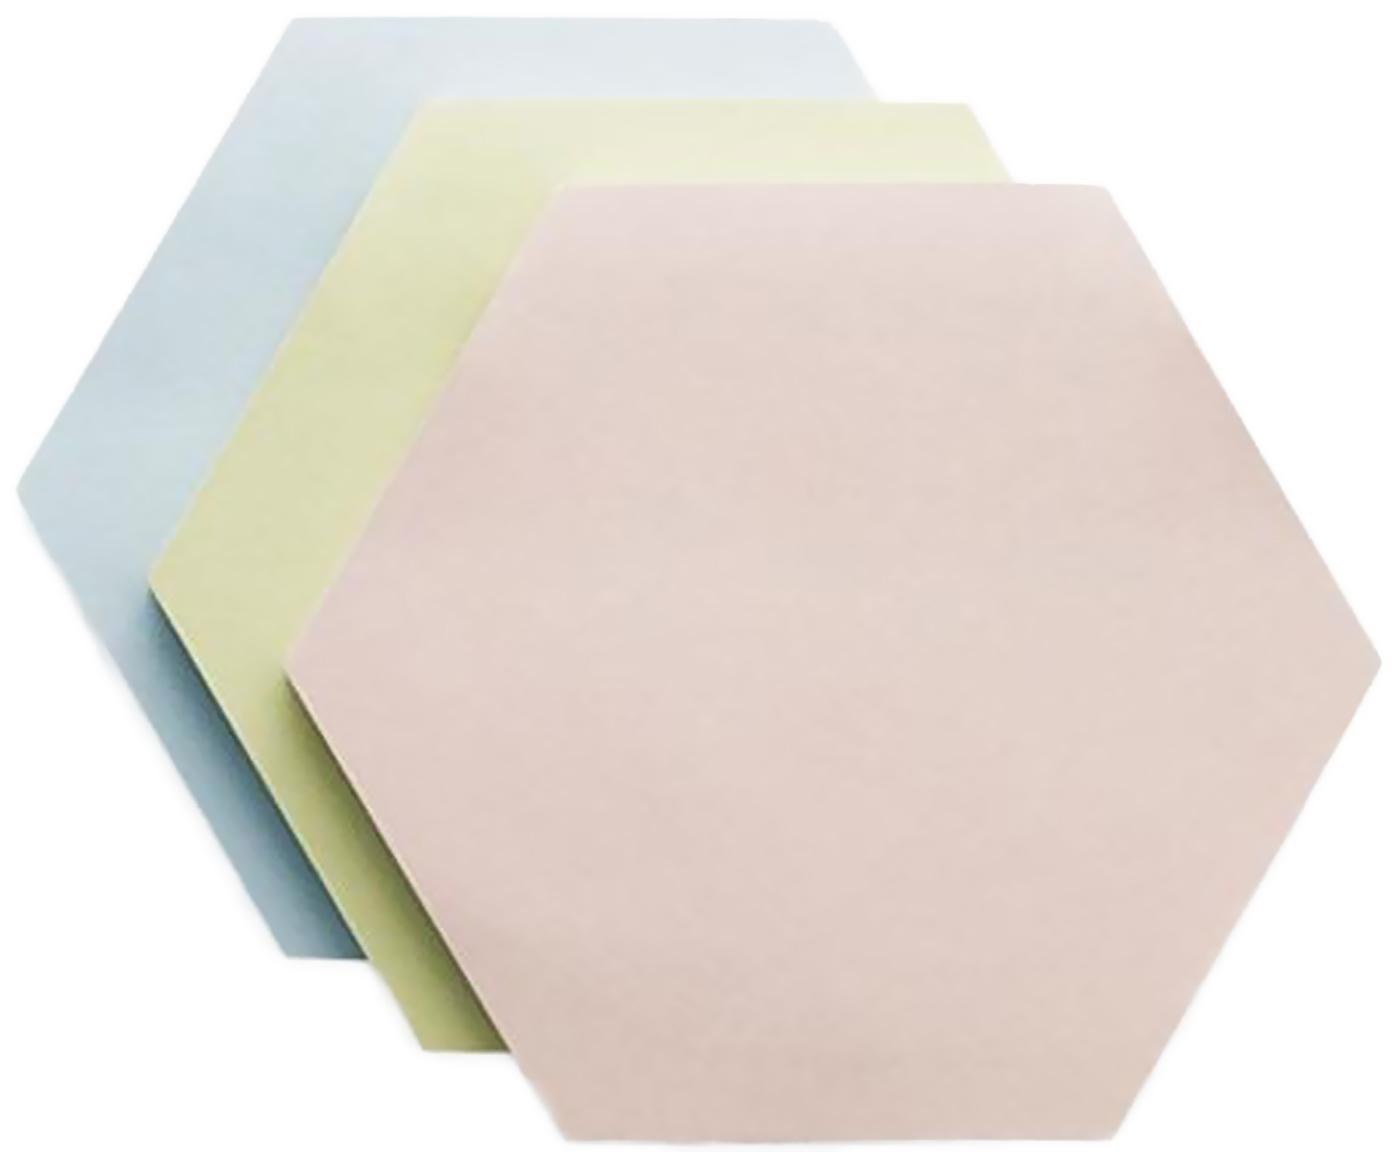 Plaknotitieblokjesset Remember, 3-delig, Bedrukt papier, Blauw, groen, roze, B 9 x D 8 cm